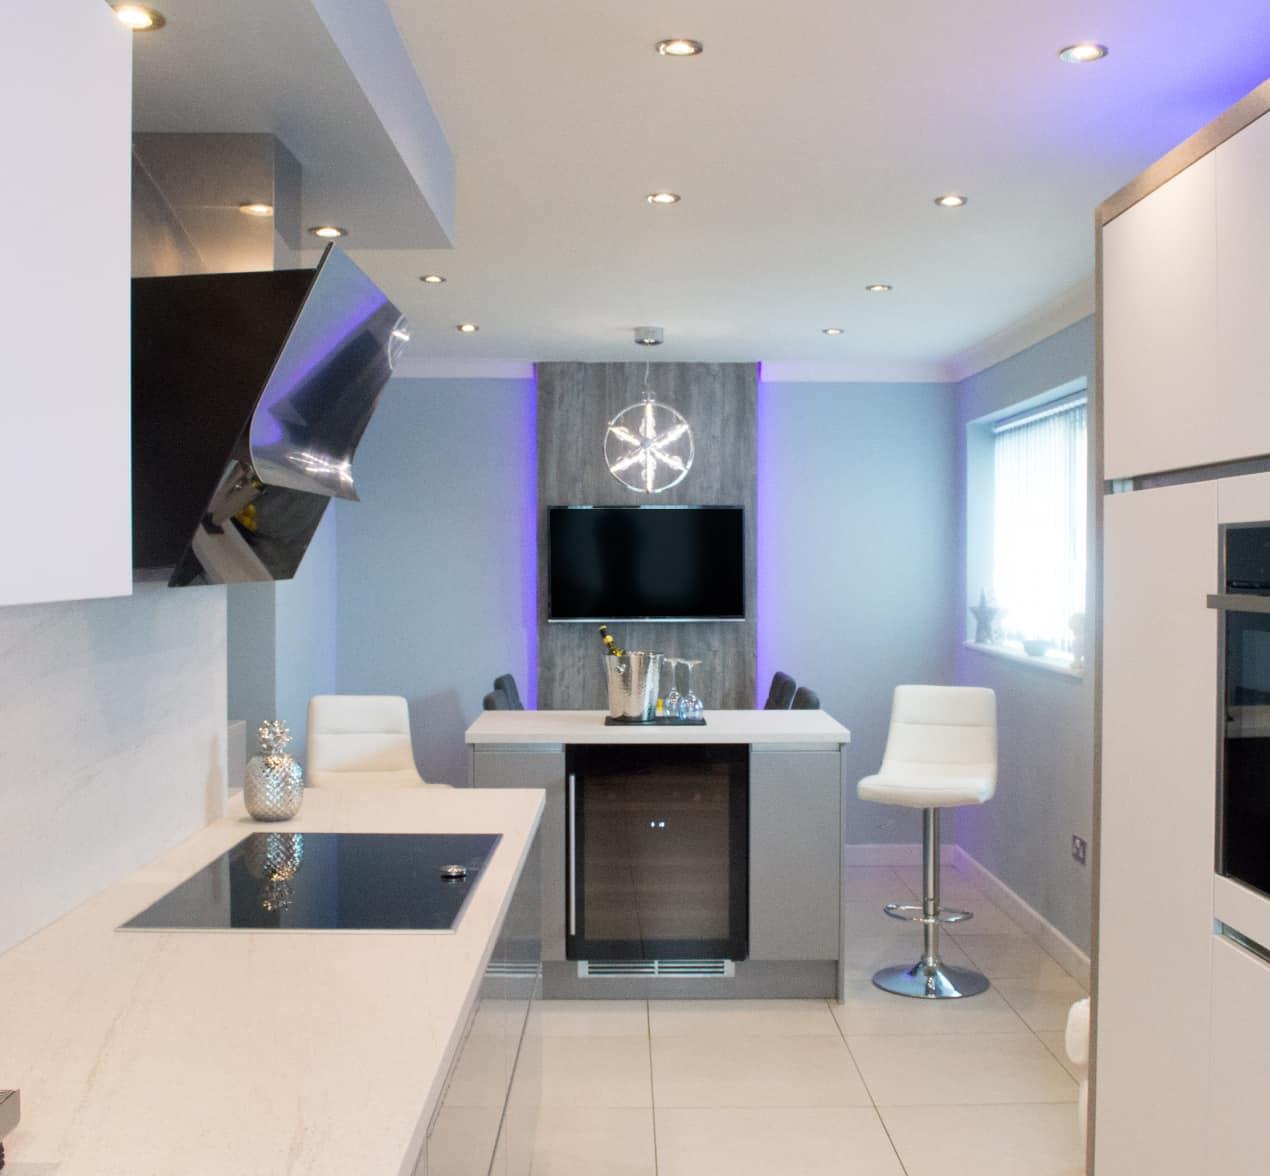 Kitchen Design Centre Audenshaw: Stylish Grey Modern Kitchen Installation